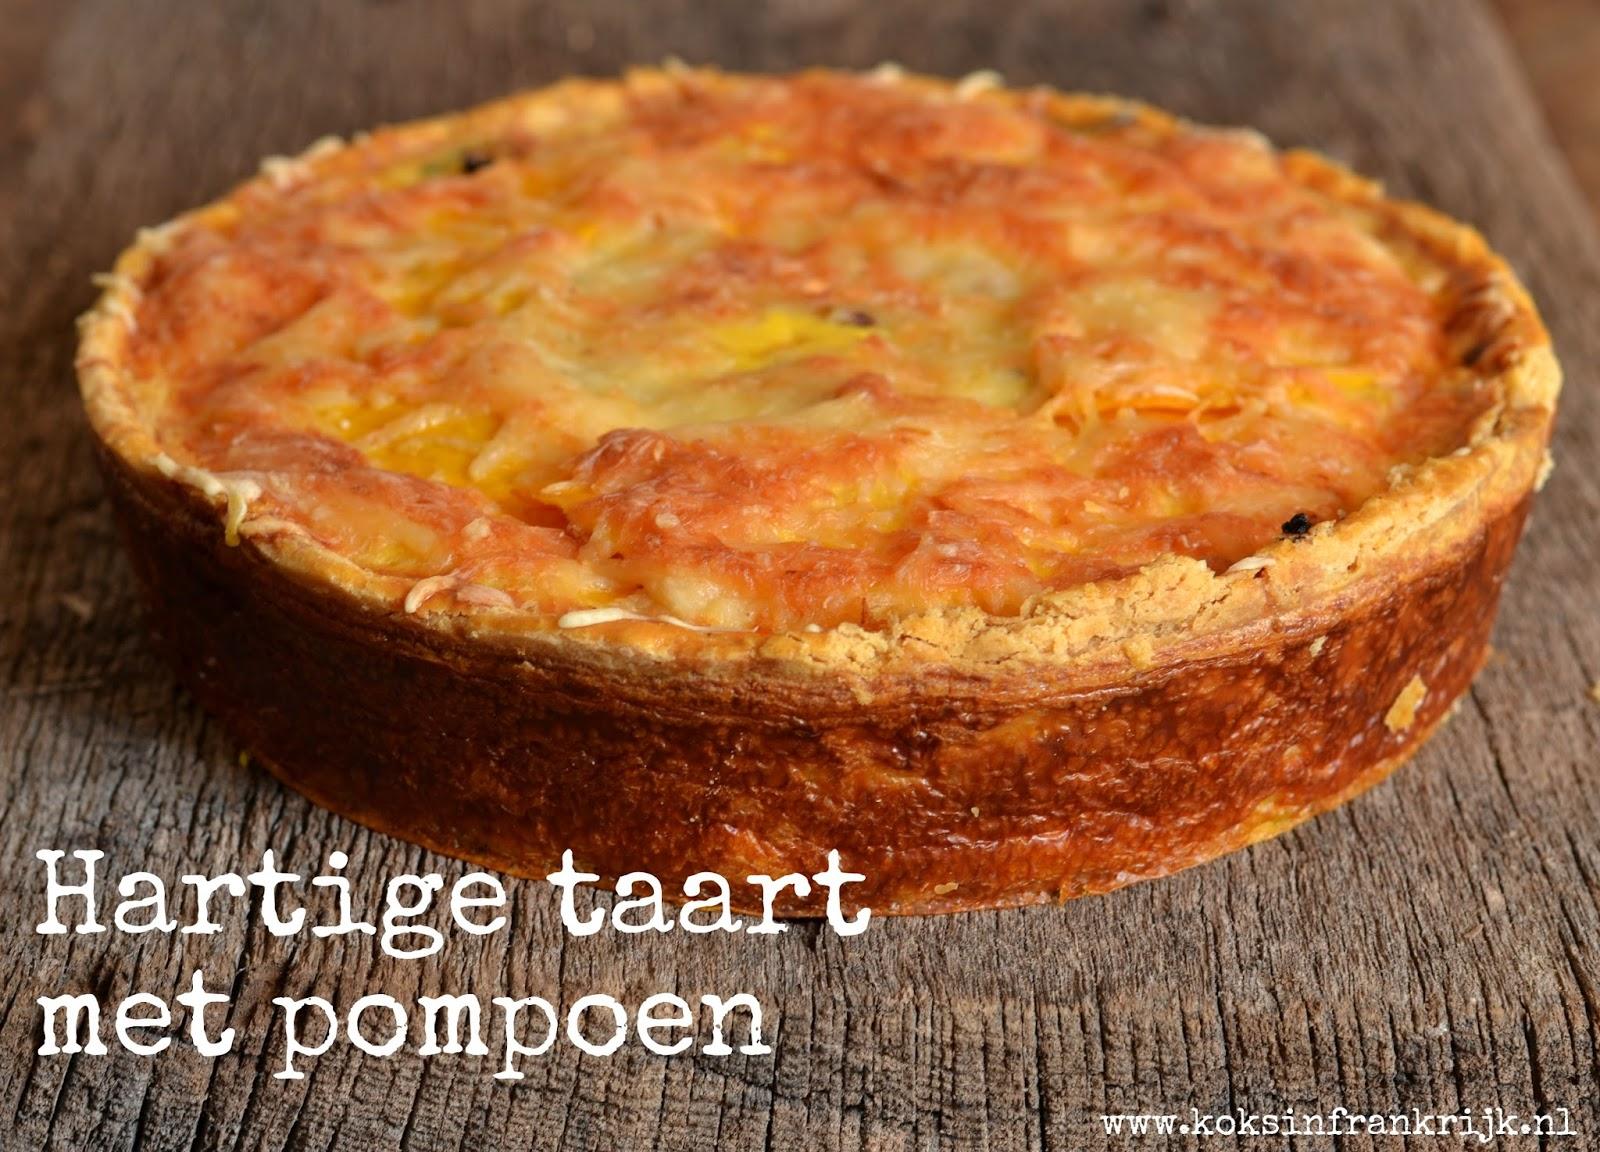 Iets anders met pompoen; hartige taart